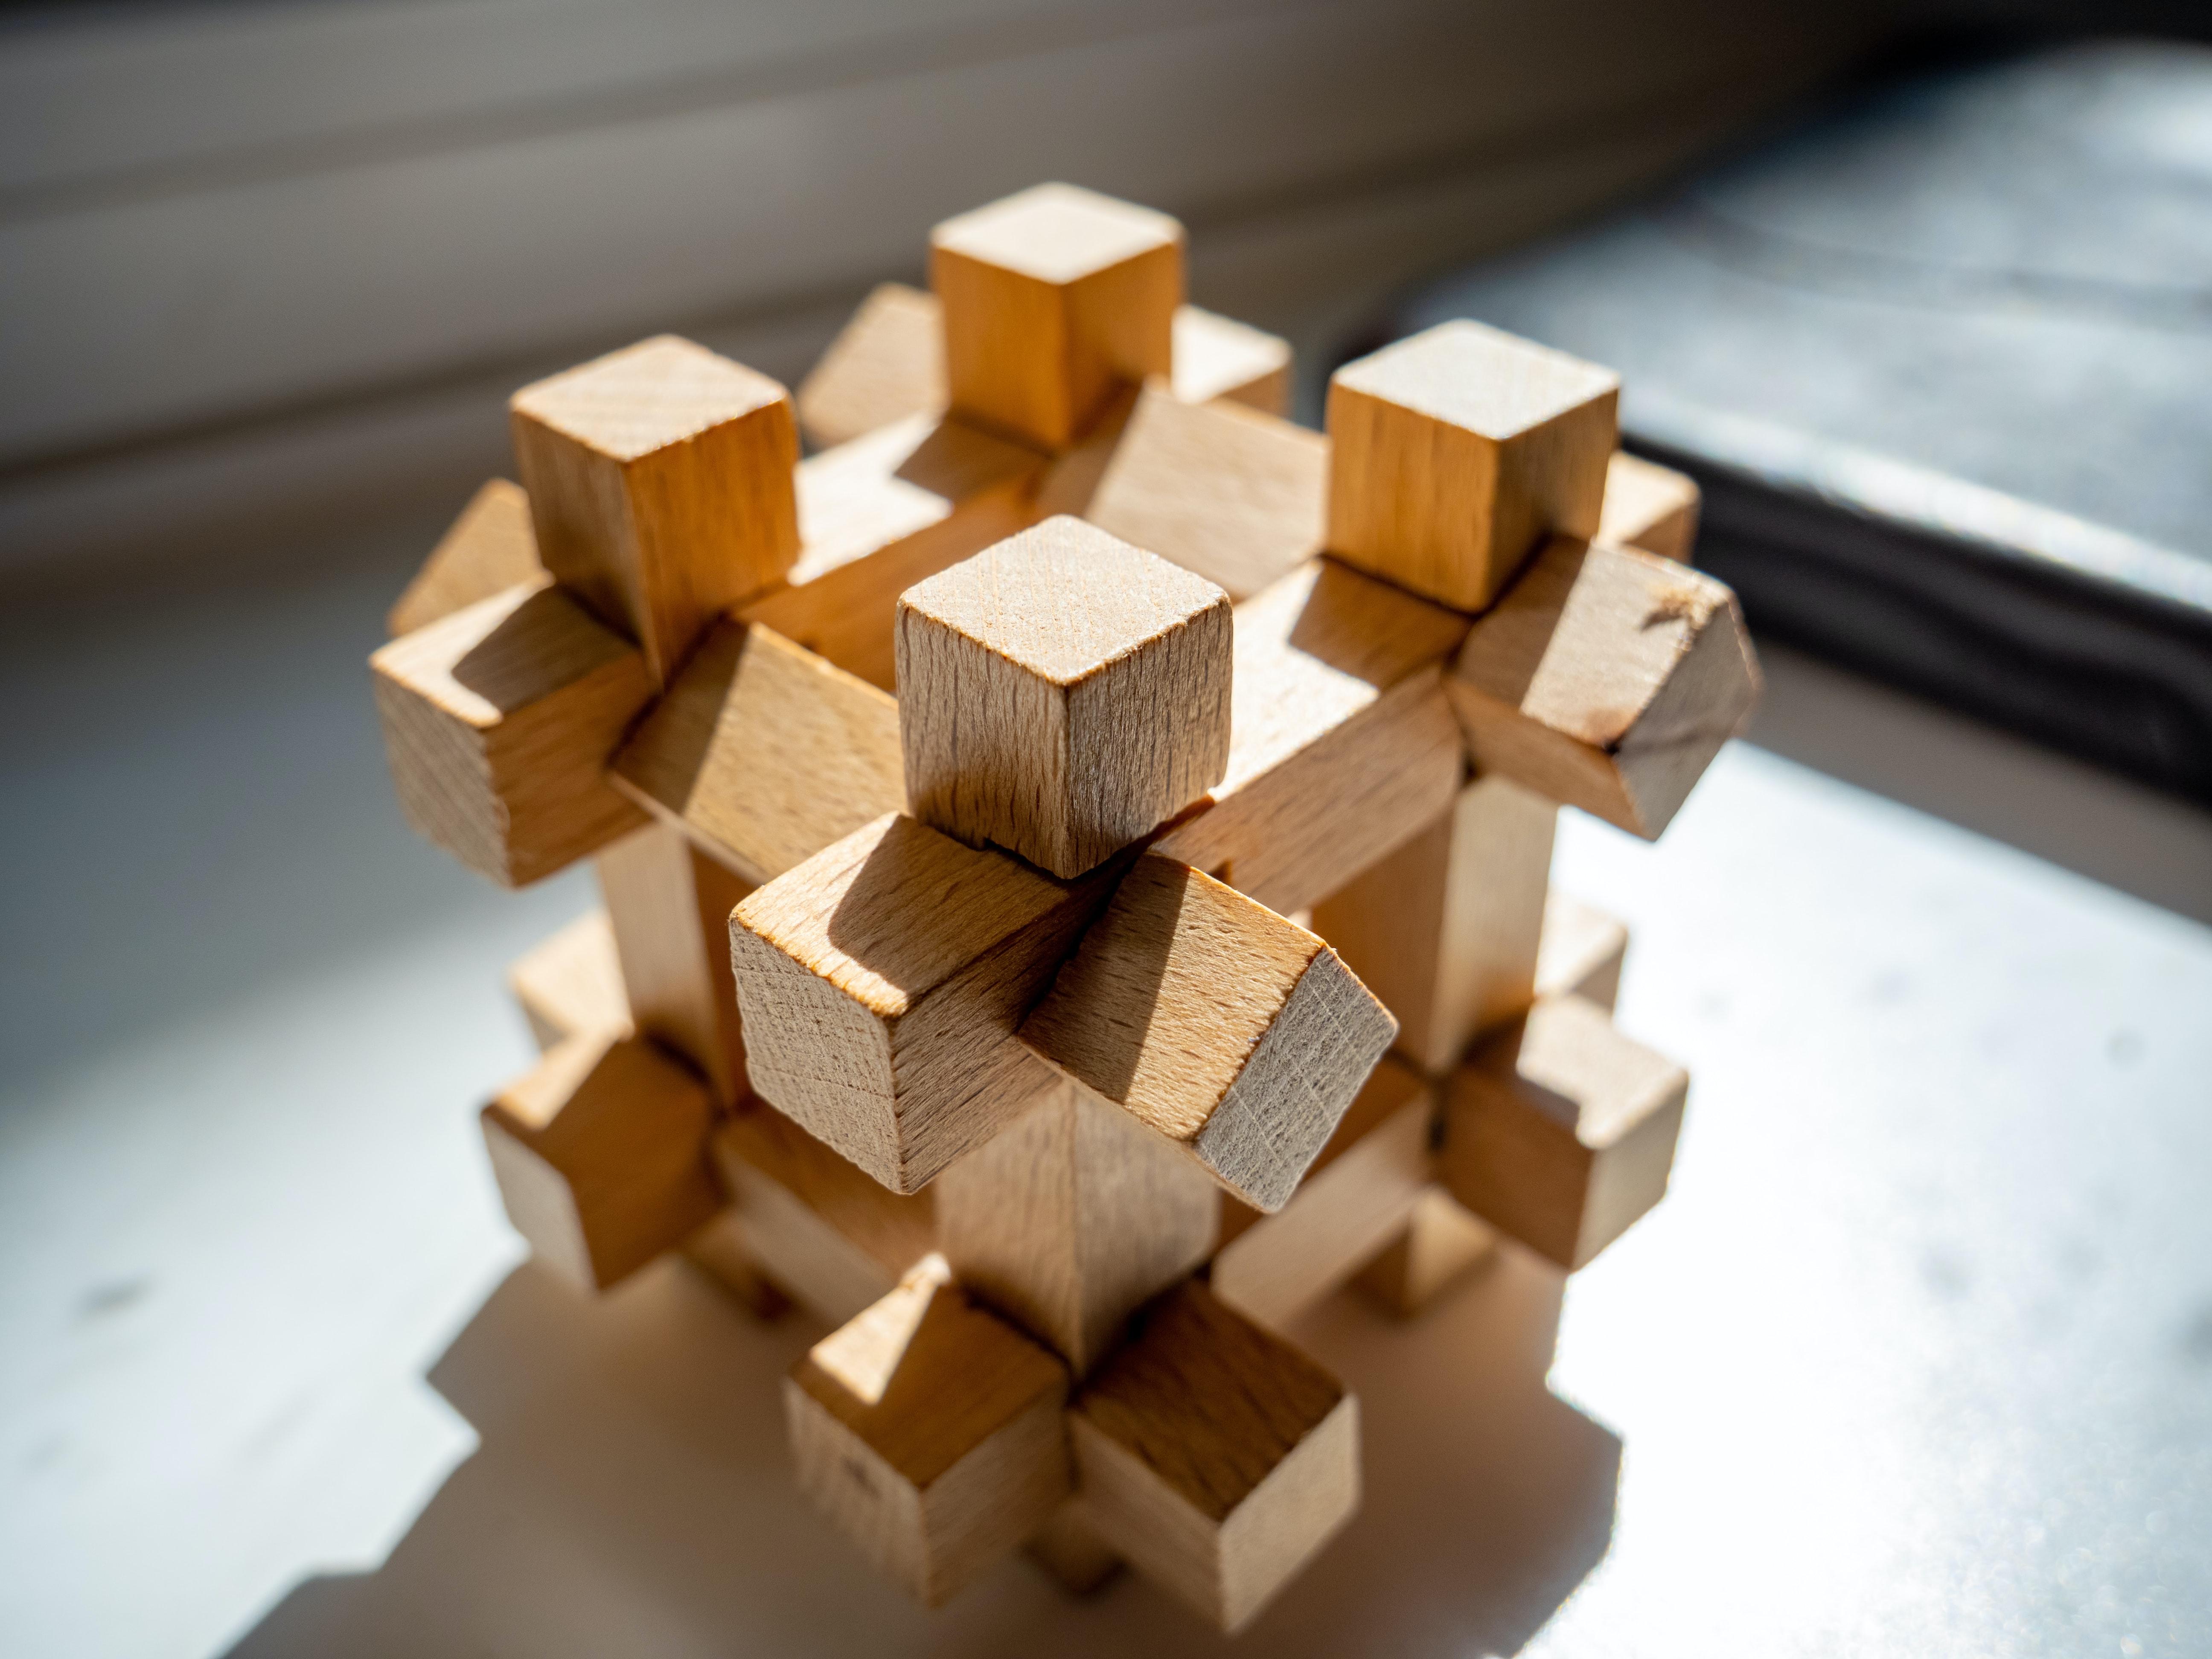 kieran-wood-uok1ghq7juy-unsplash.jpg